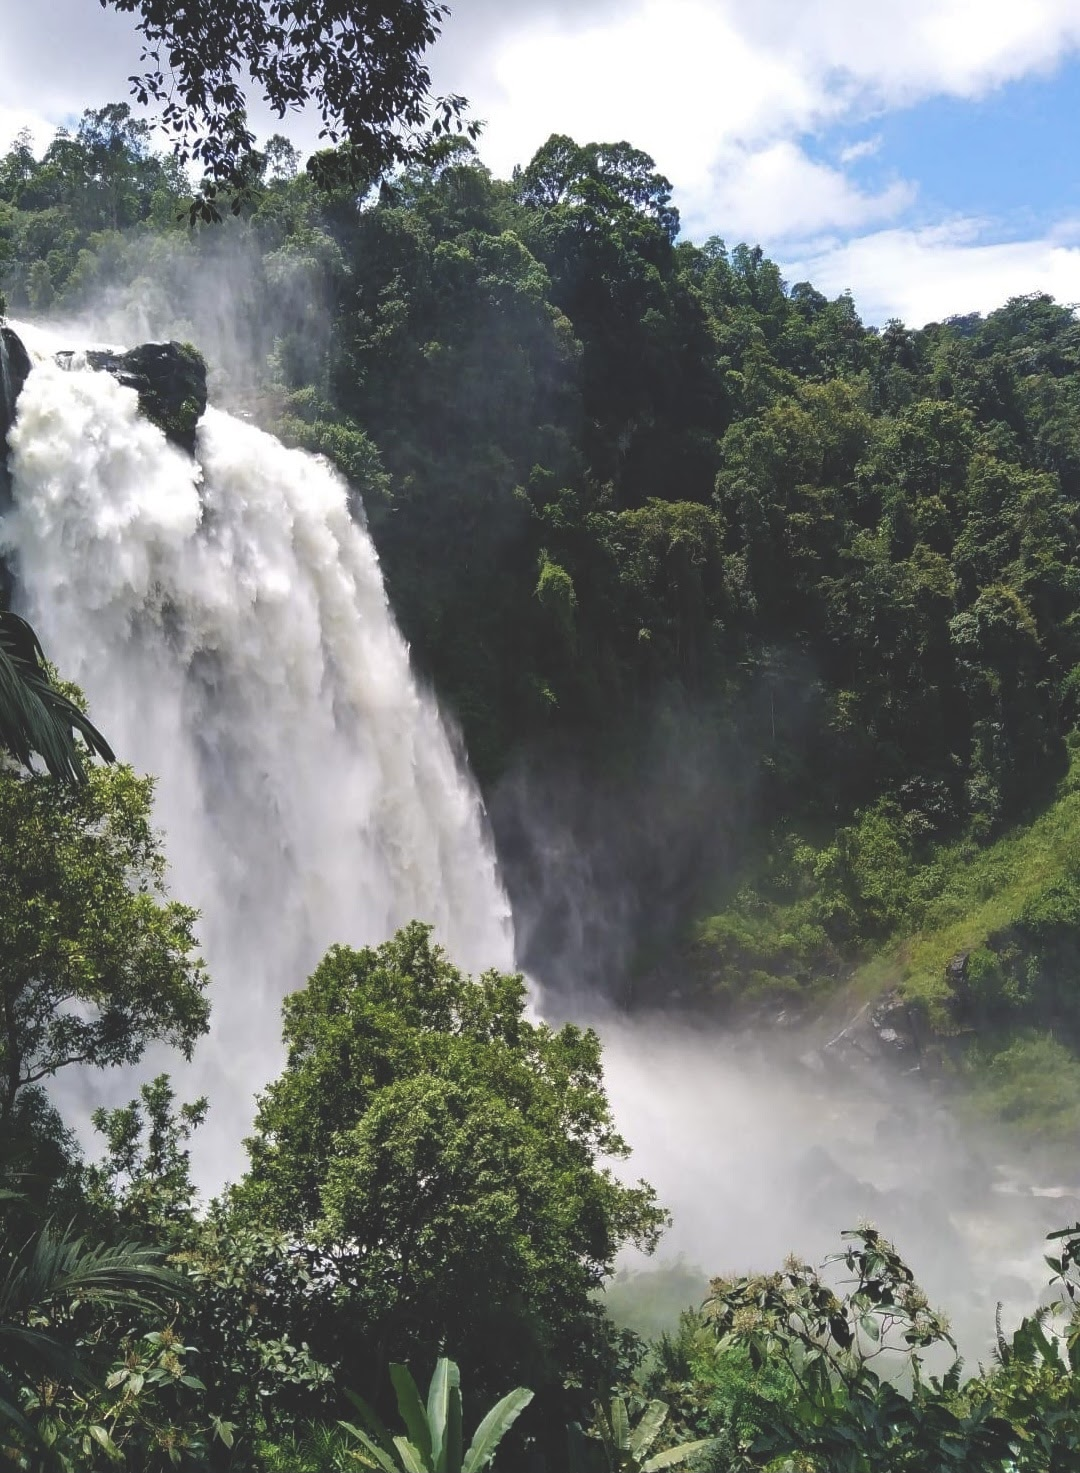 Aberdeen Waterfall